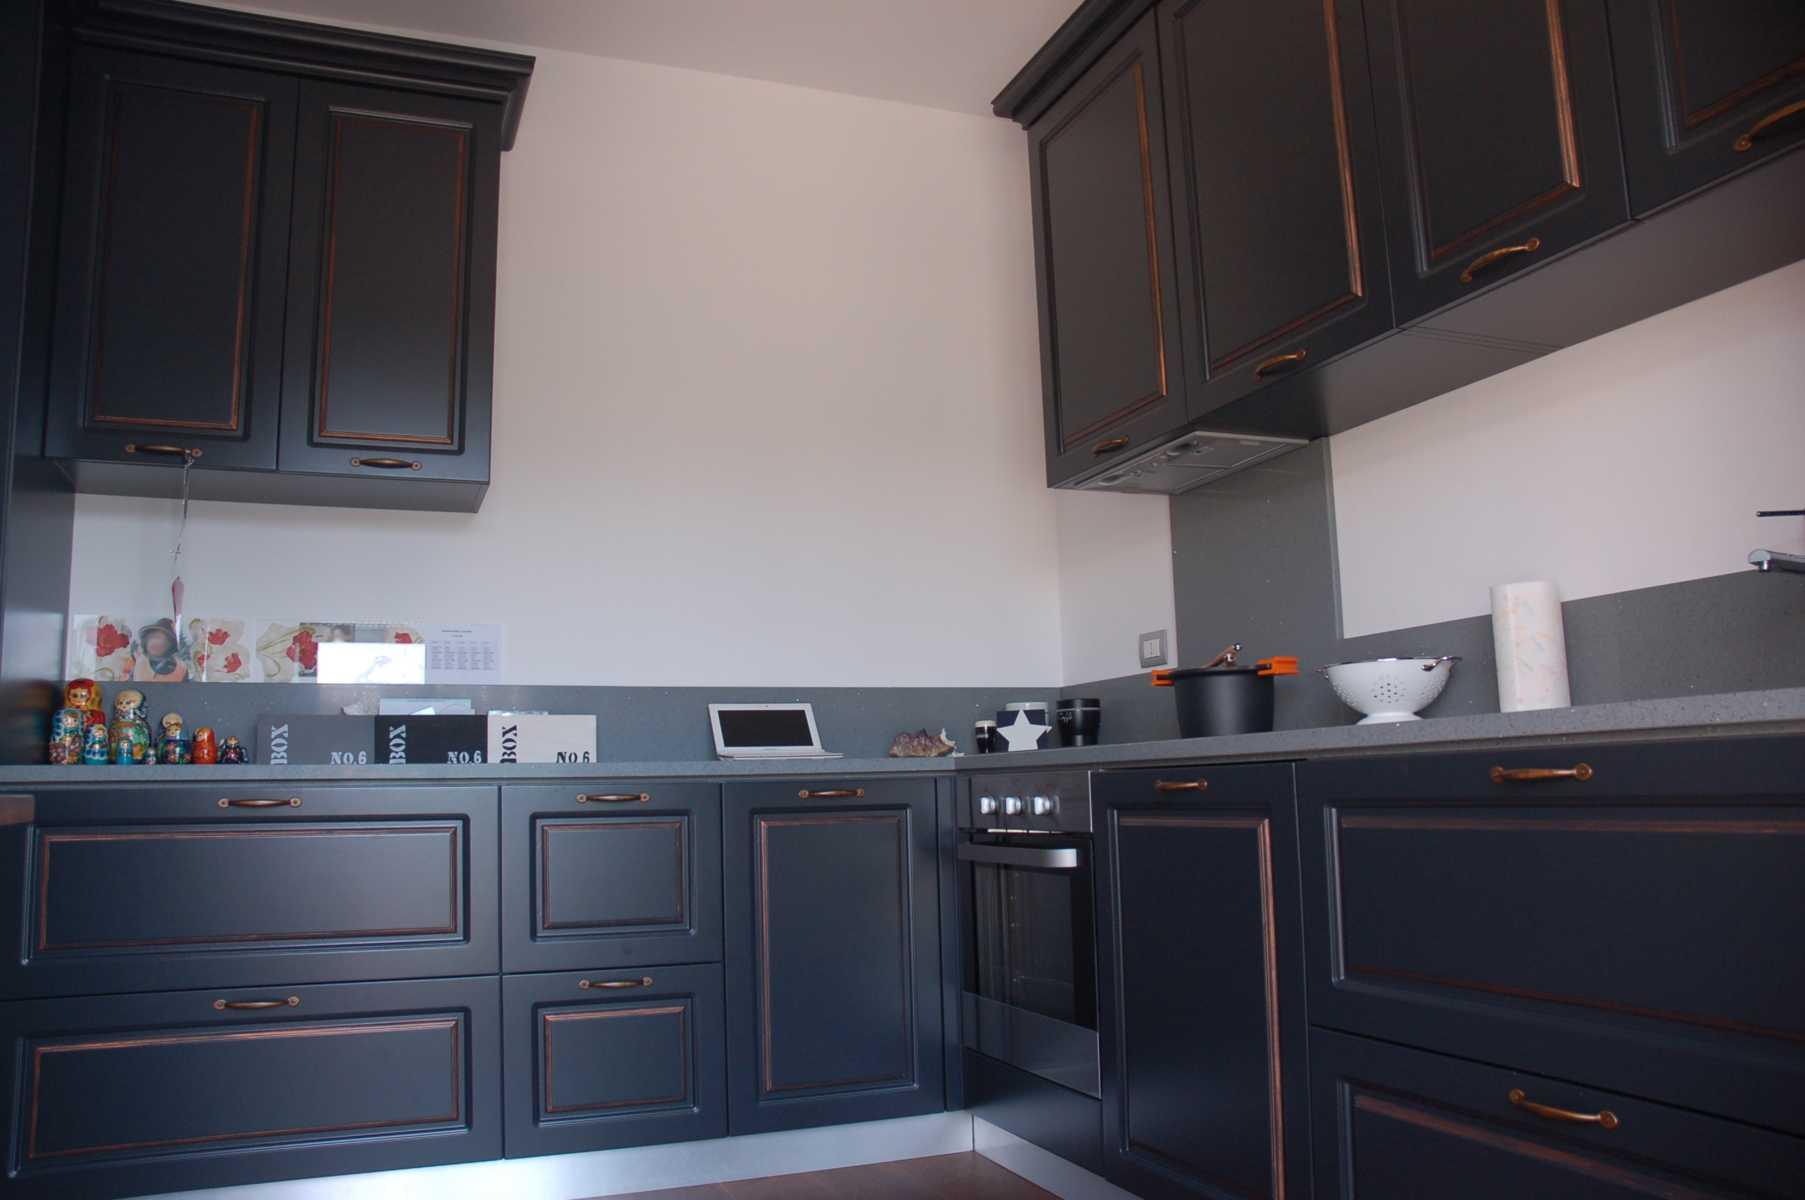 La falegnameria rampini cucine classiche - Cucine moderne scure ...